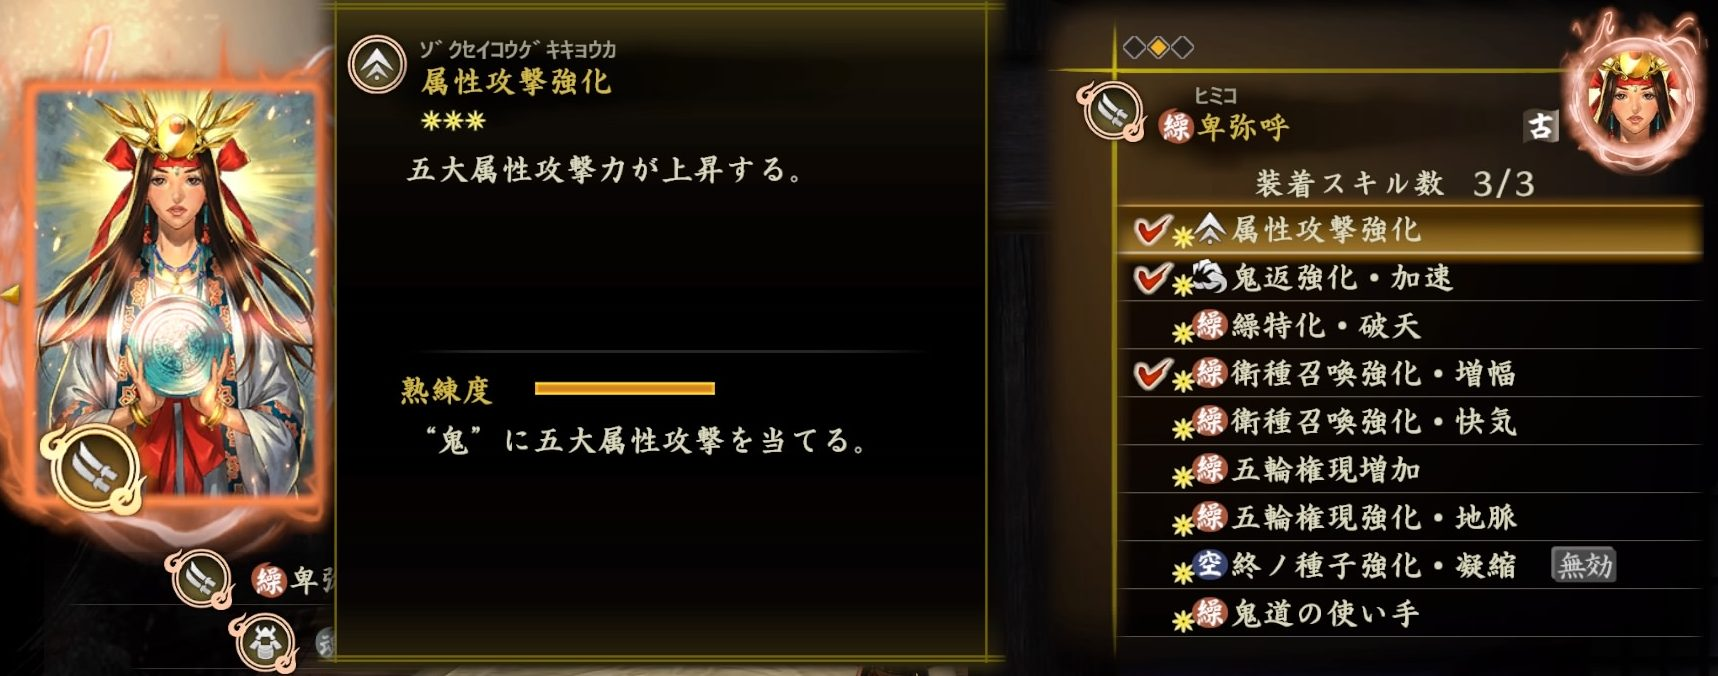 討鬼伝2_20160805024219